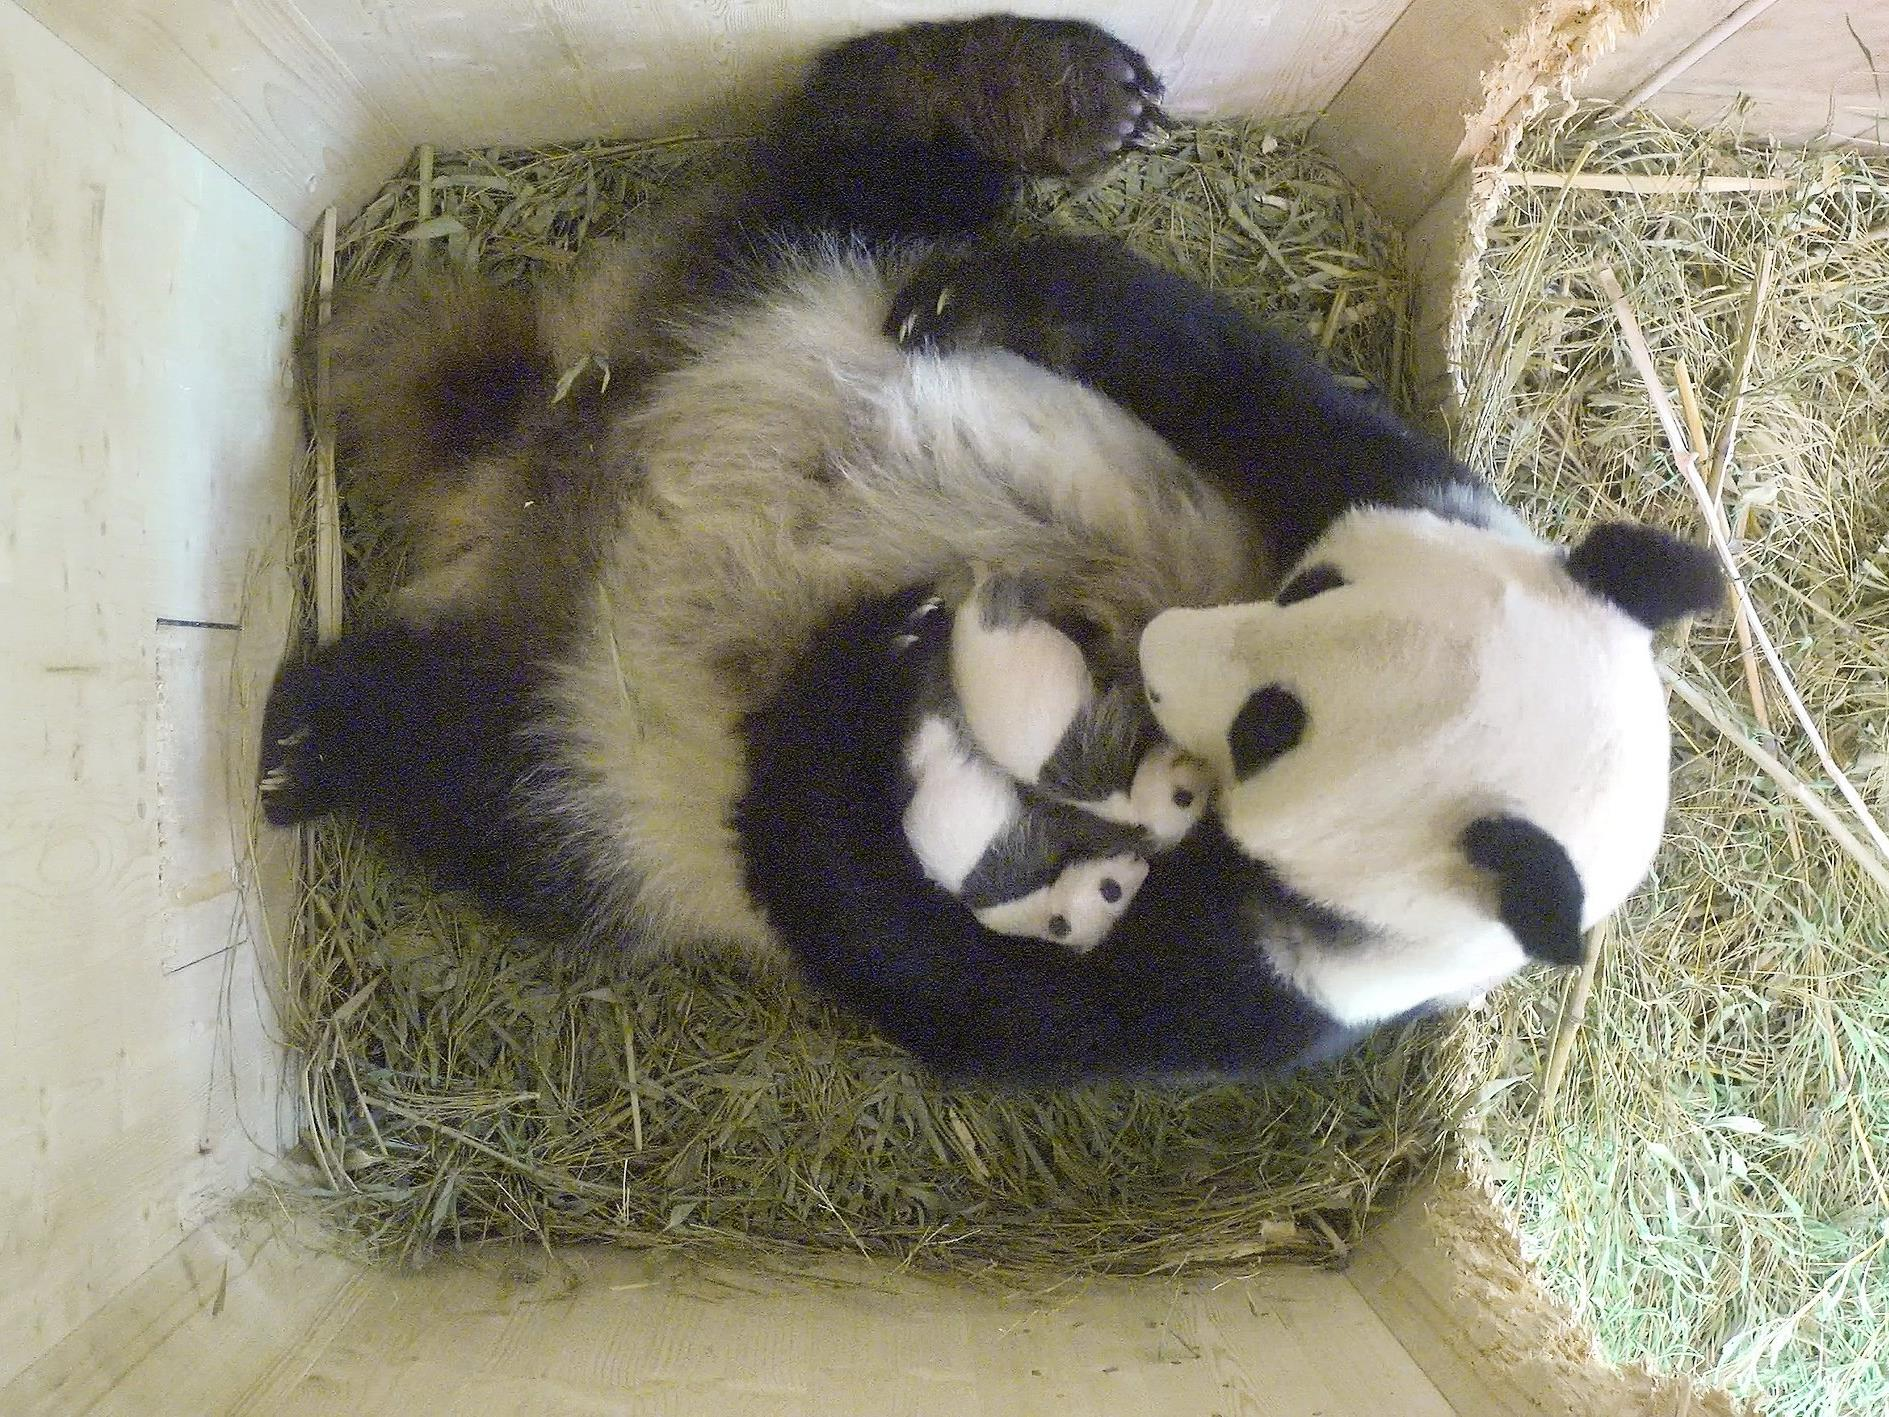 Die Panda-Babys haben bereits schwarz-weißes Fell